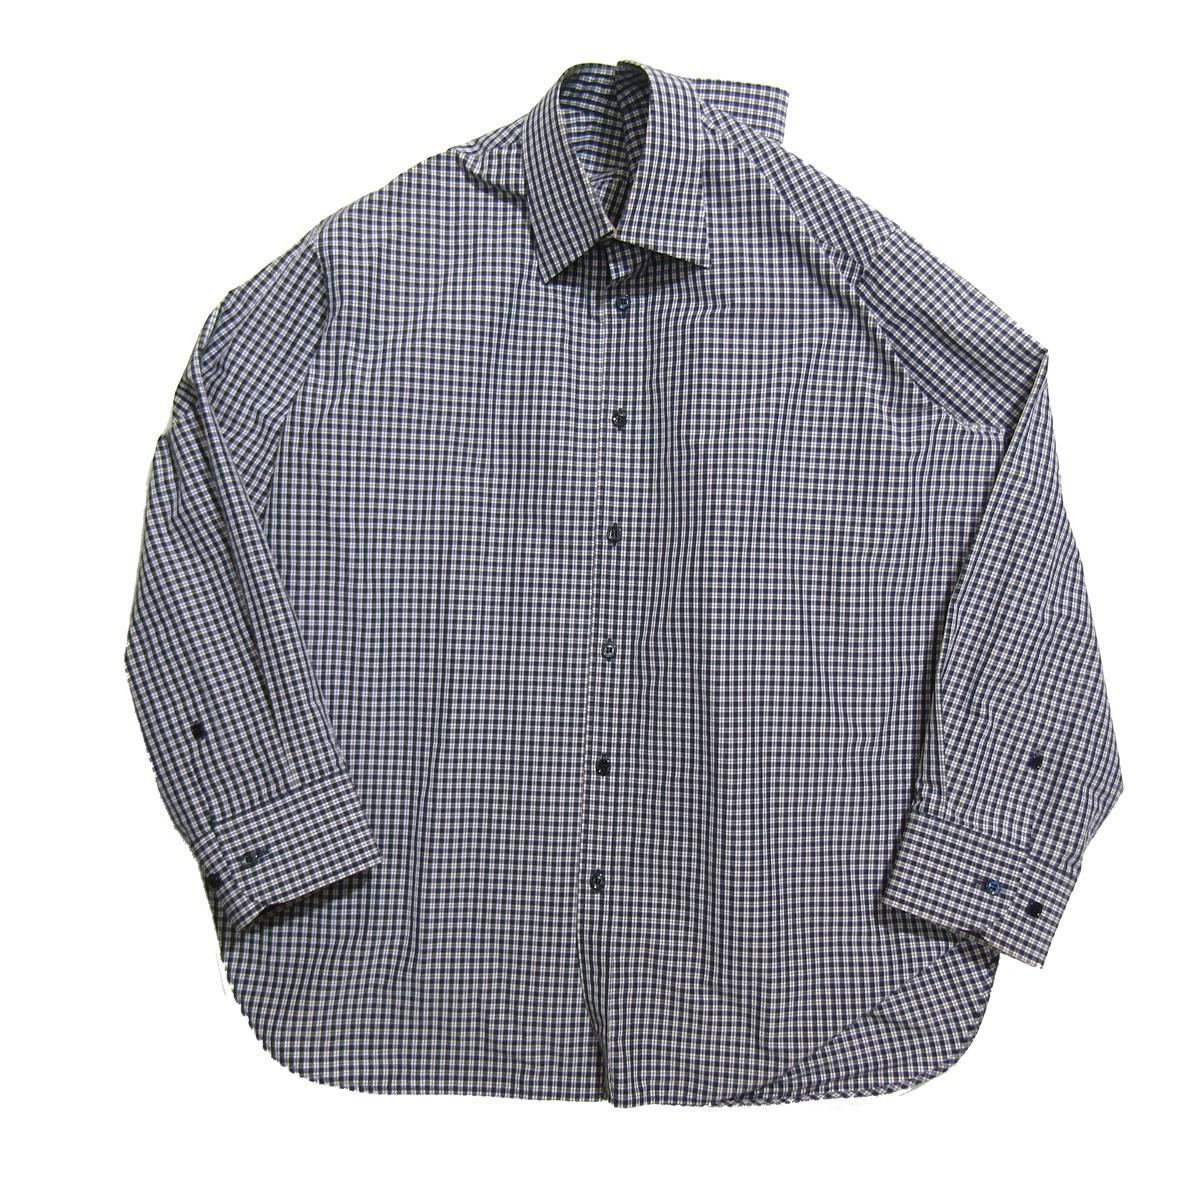 【中古】BALENCIAGA 2017SS Pinched color/ピンチドカラーシャツ ブルー×グレー サイズ:34 【160420】(バレンシアガ)